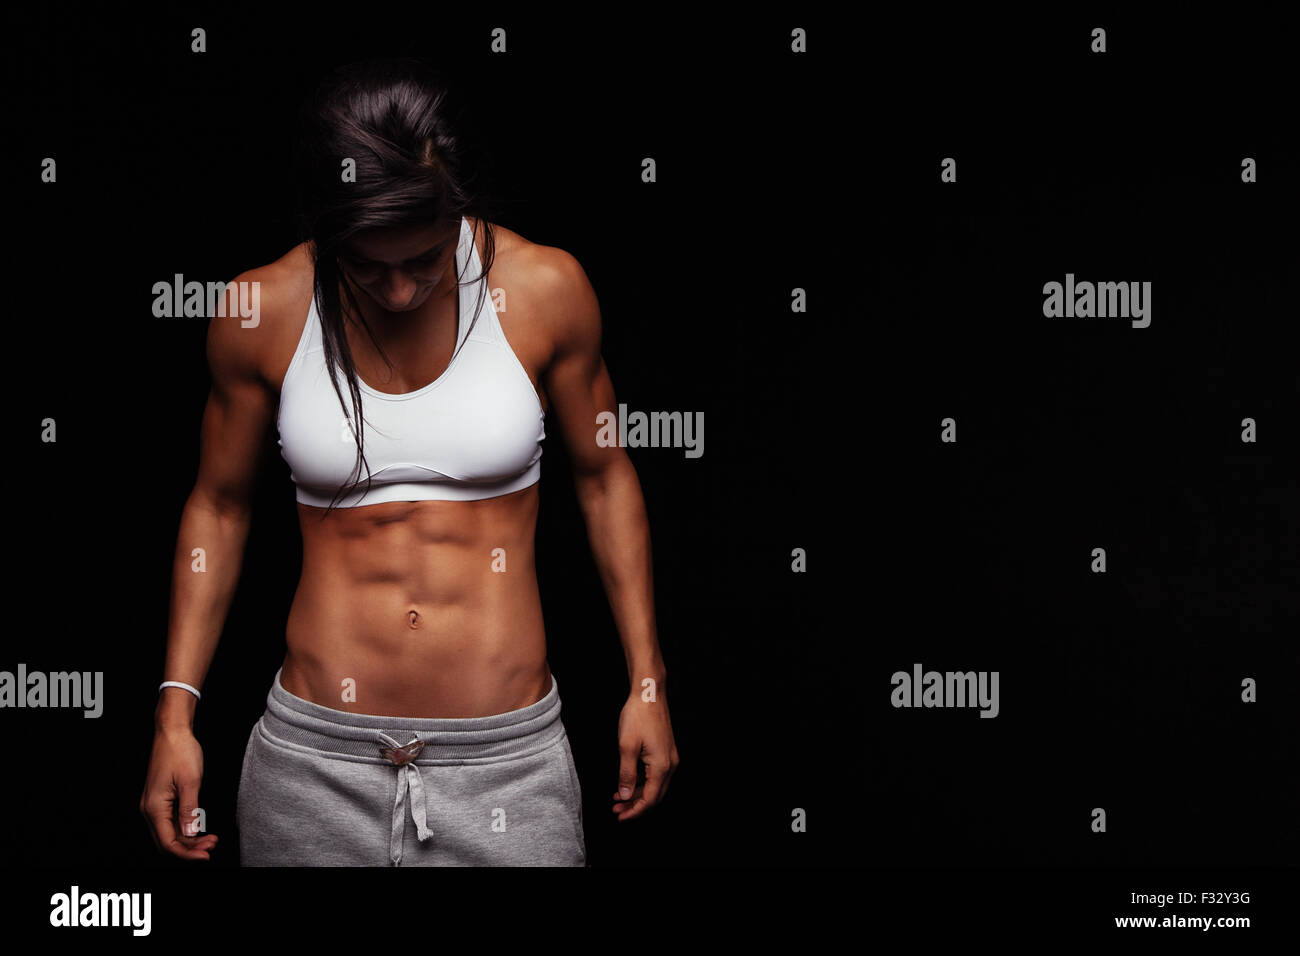 Immagine della donna fitness in abbigliamento sportivo guardando verso il basso. Giovane femmina modello con corpo Immagini Stock